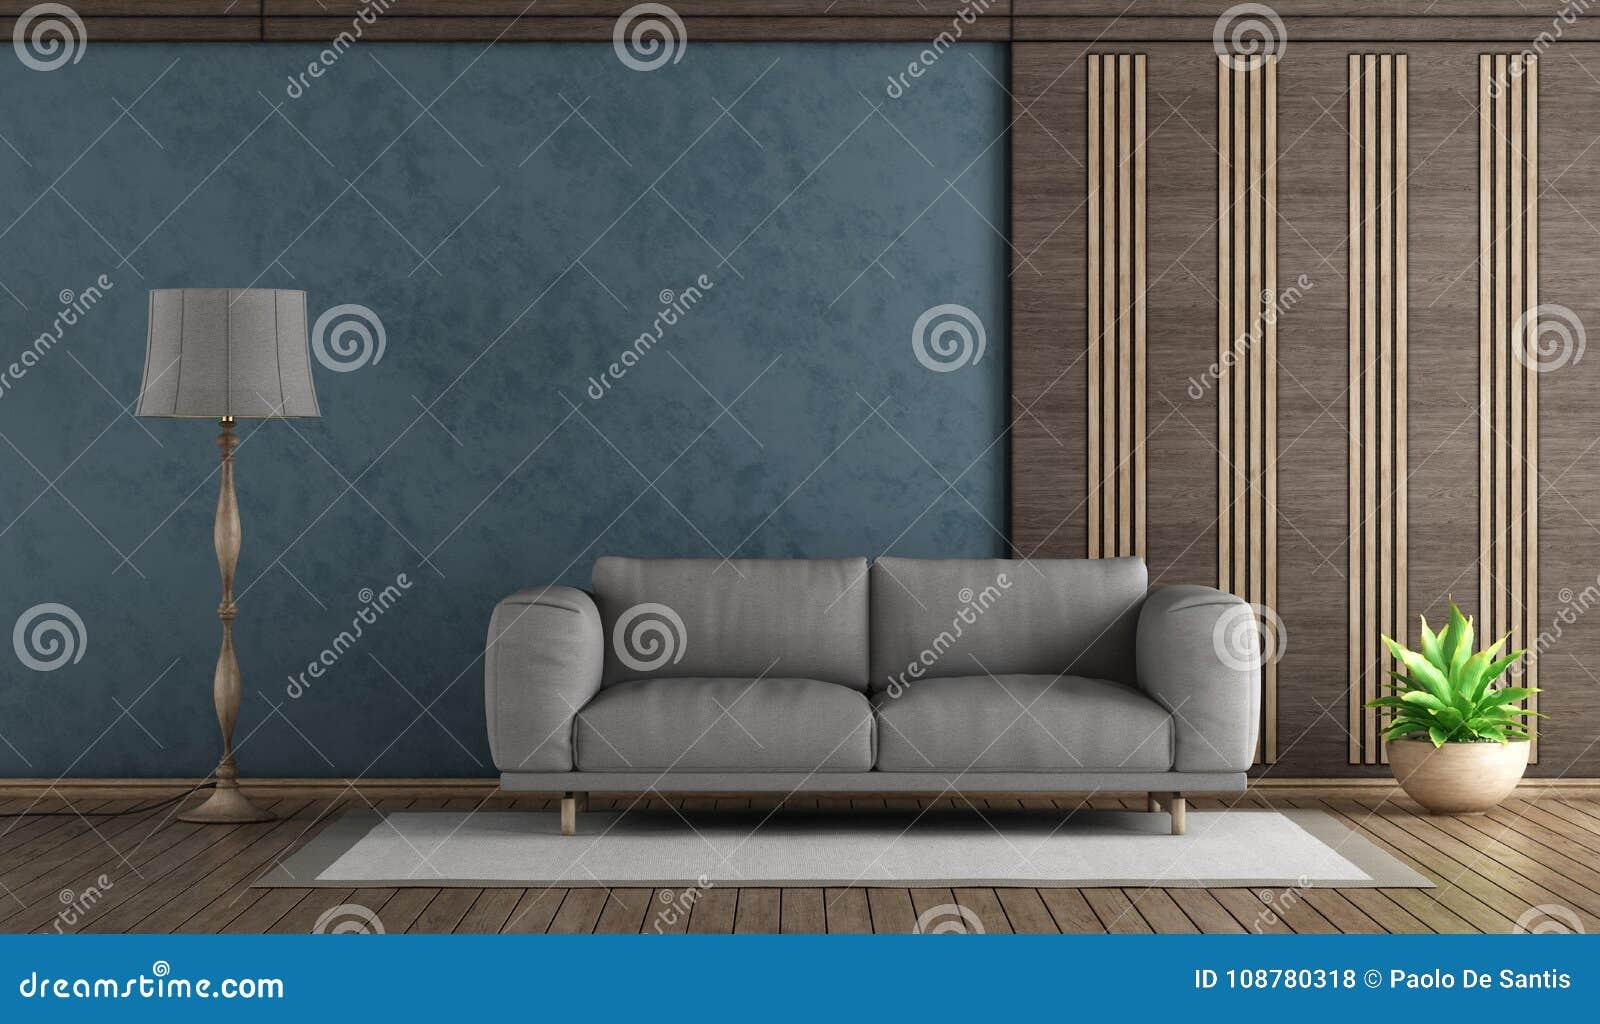 Woonkamer Grijze Bank : Welke kussens op grijze bank new grijs taupe woonkamer top grijs